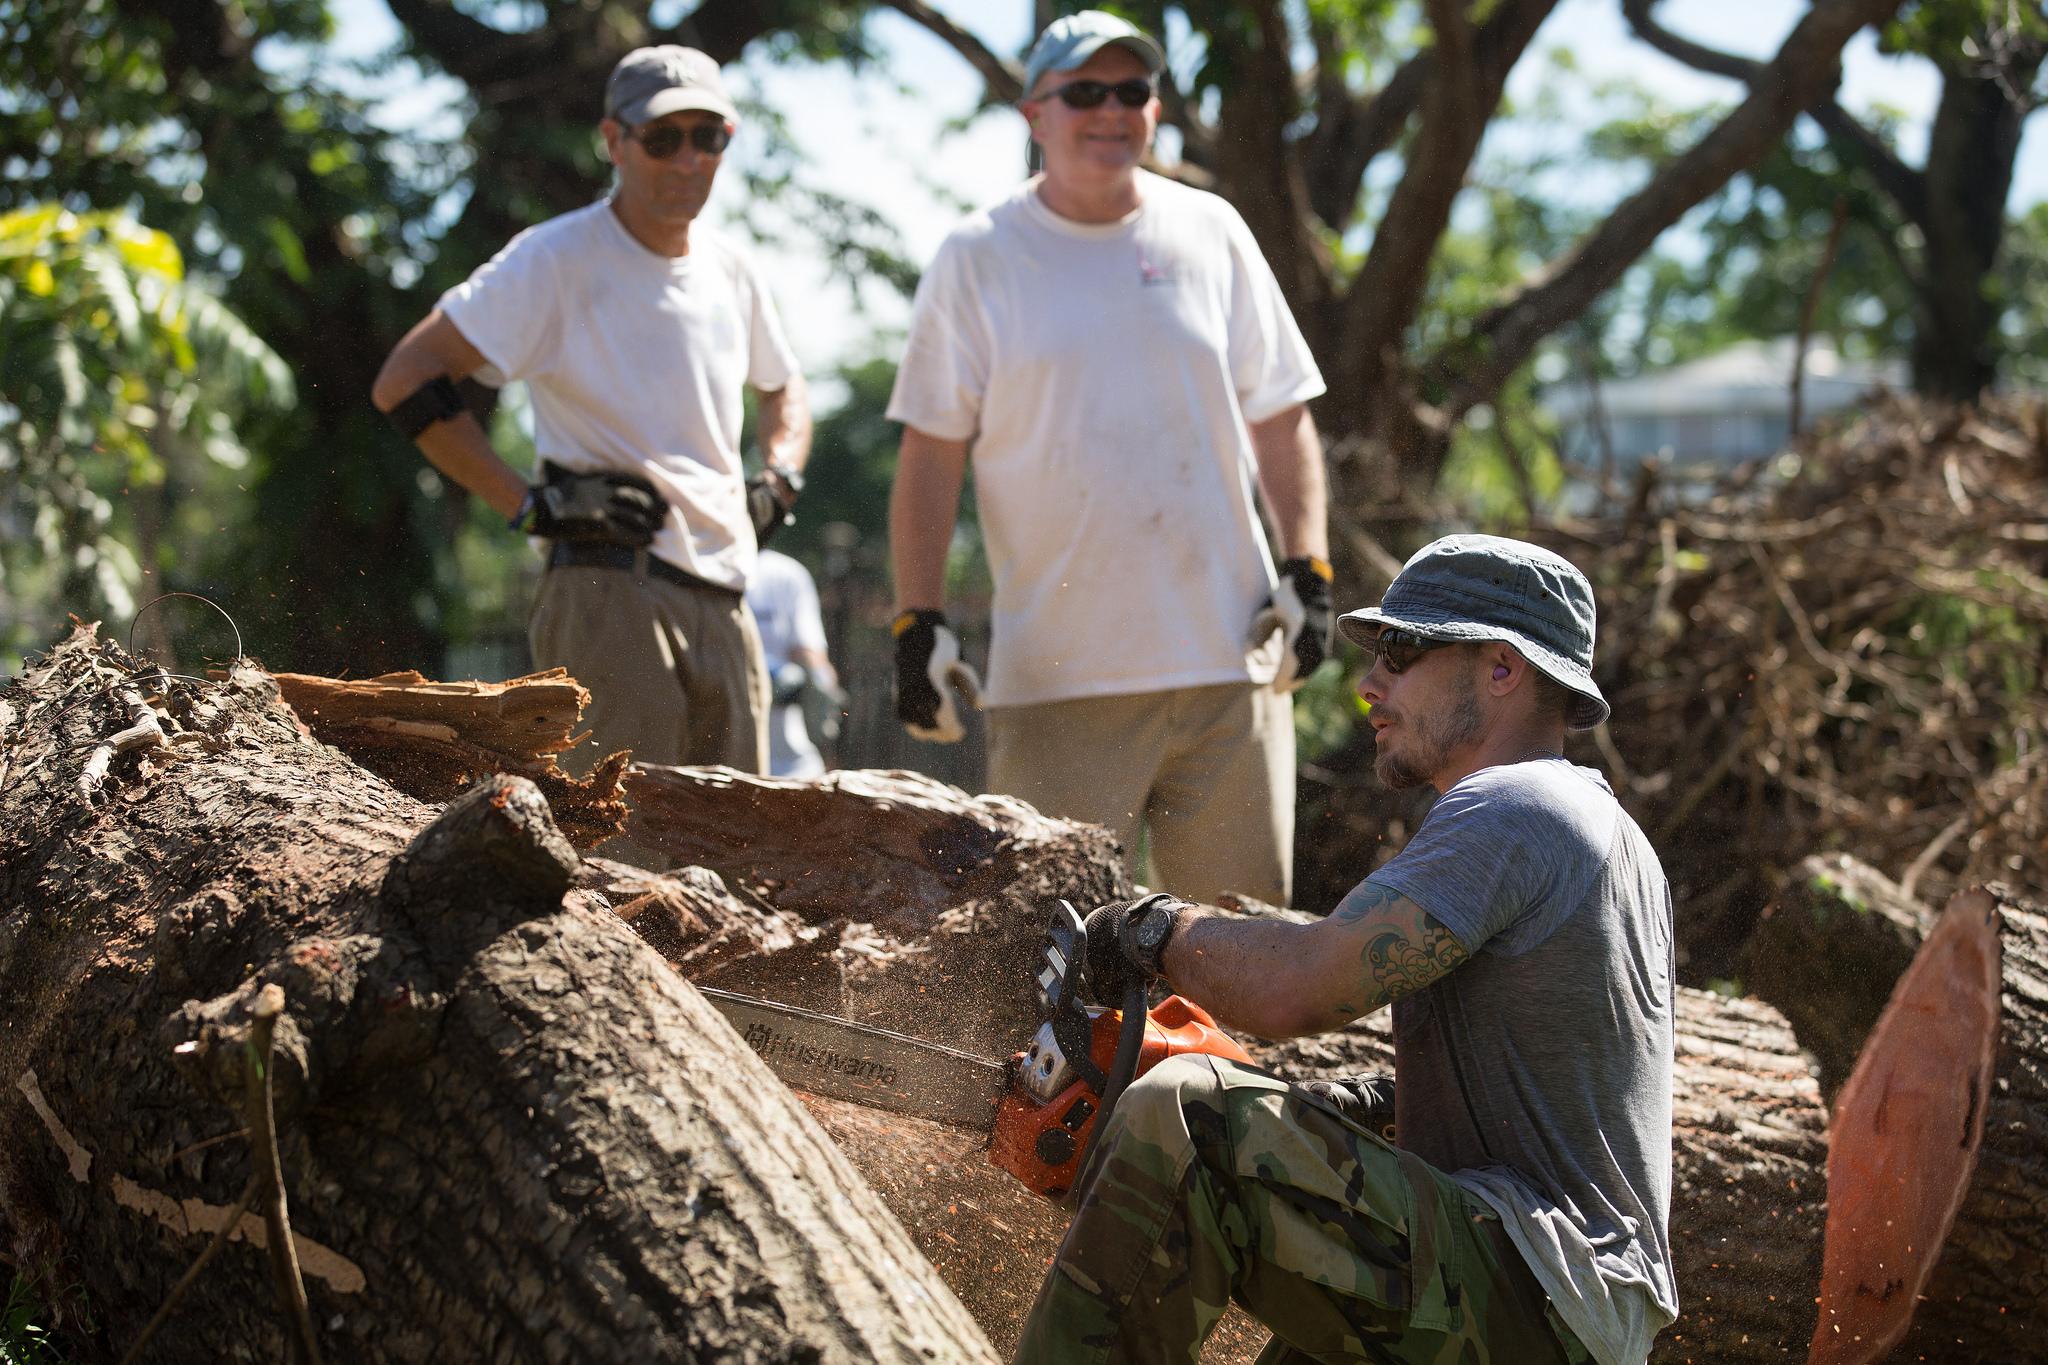 Un hombre corta un árbol después de huracán maría en San Juan, Puerto Rico. Foto cortesía de Mike DuBose.